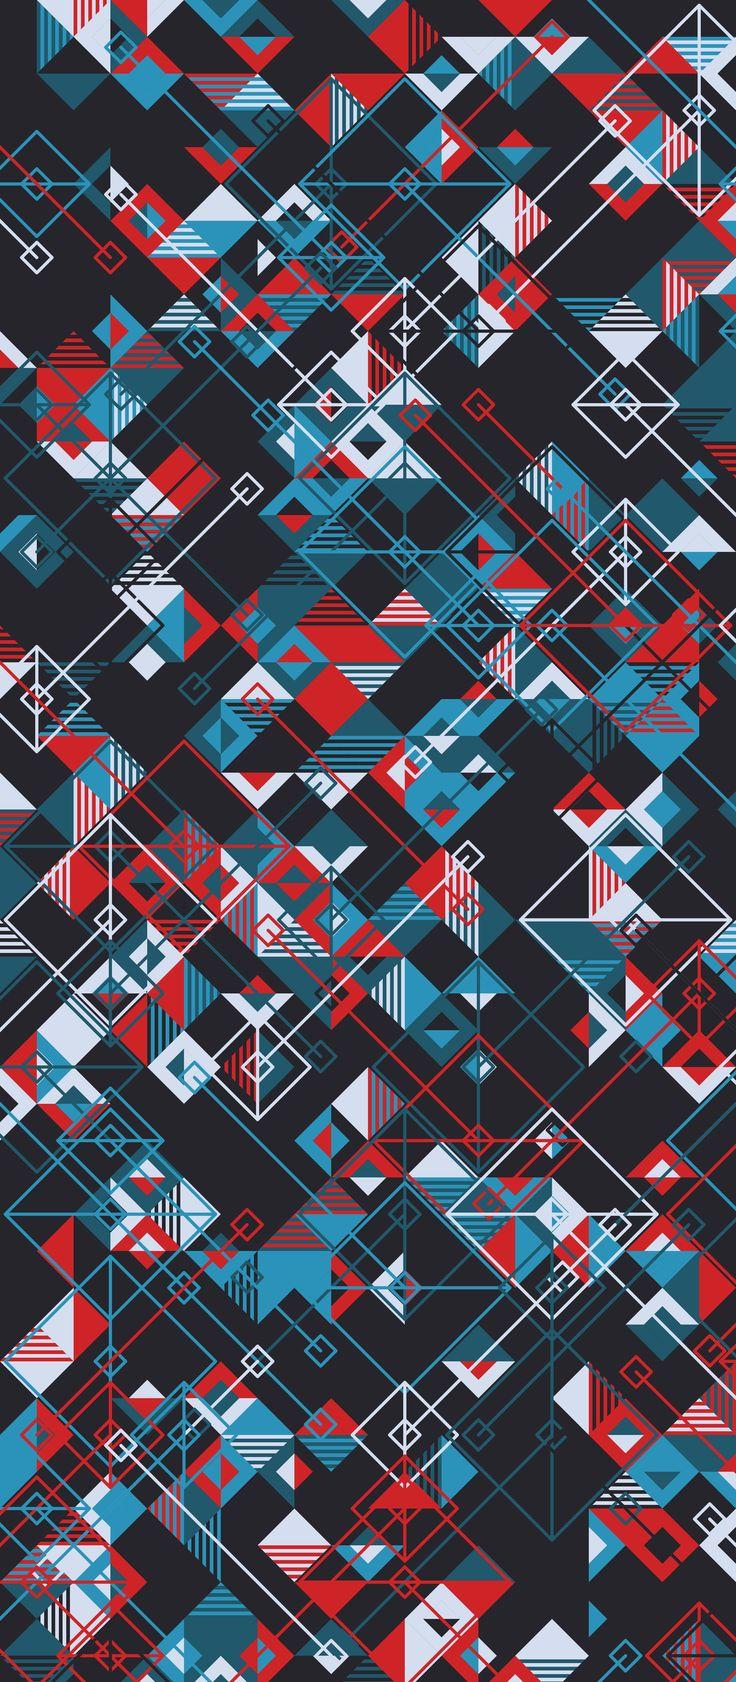 Russfussuk 'Decode' M11A #pattern #patterndesign #surfacepattern #patternprint #circuit #electronic #generative #geometria #padrões #russfussuk